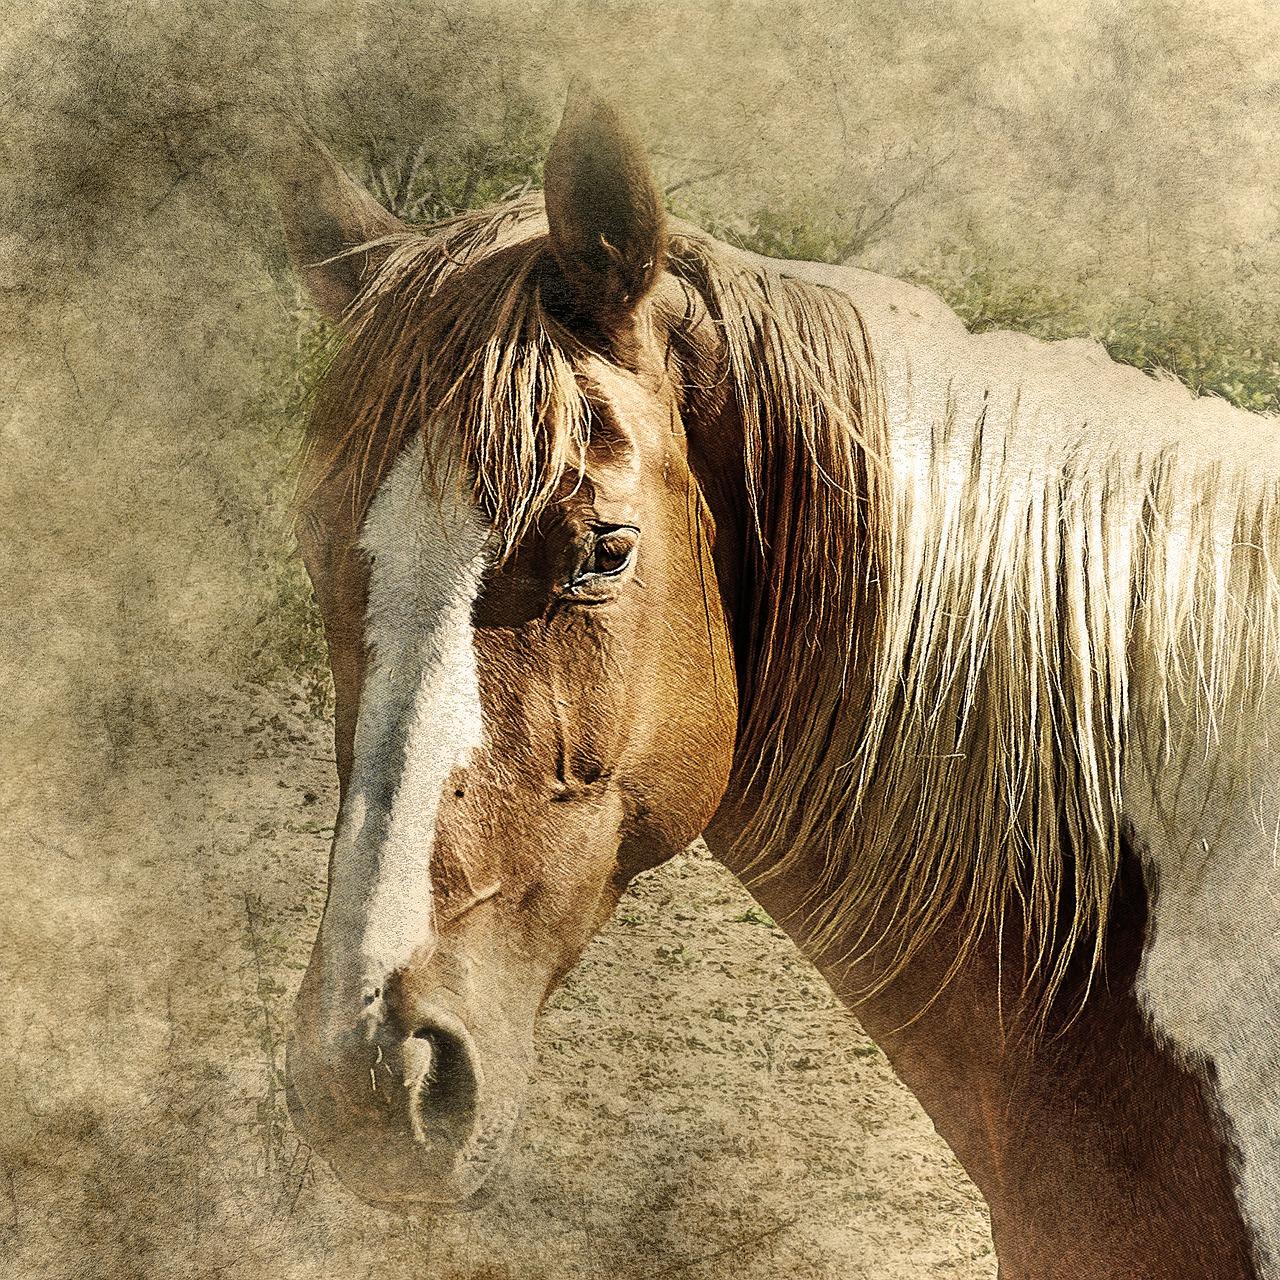 Horse Head Art Free Image On Pixabay